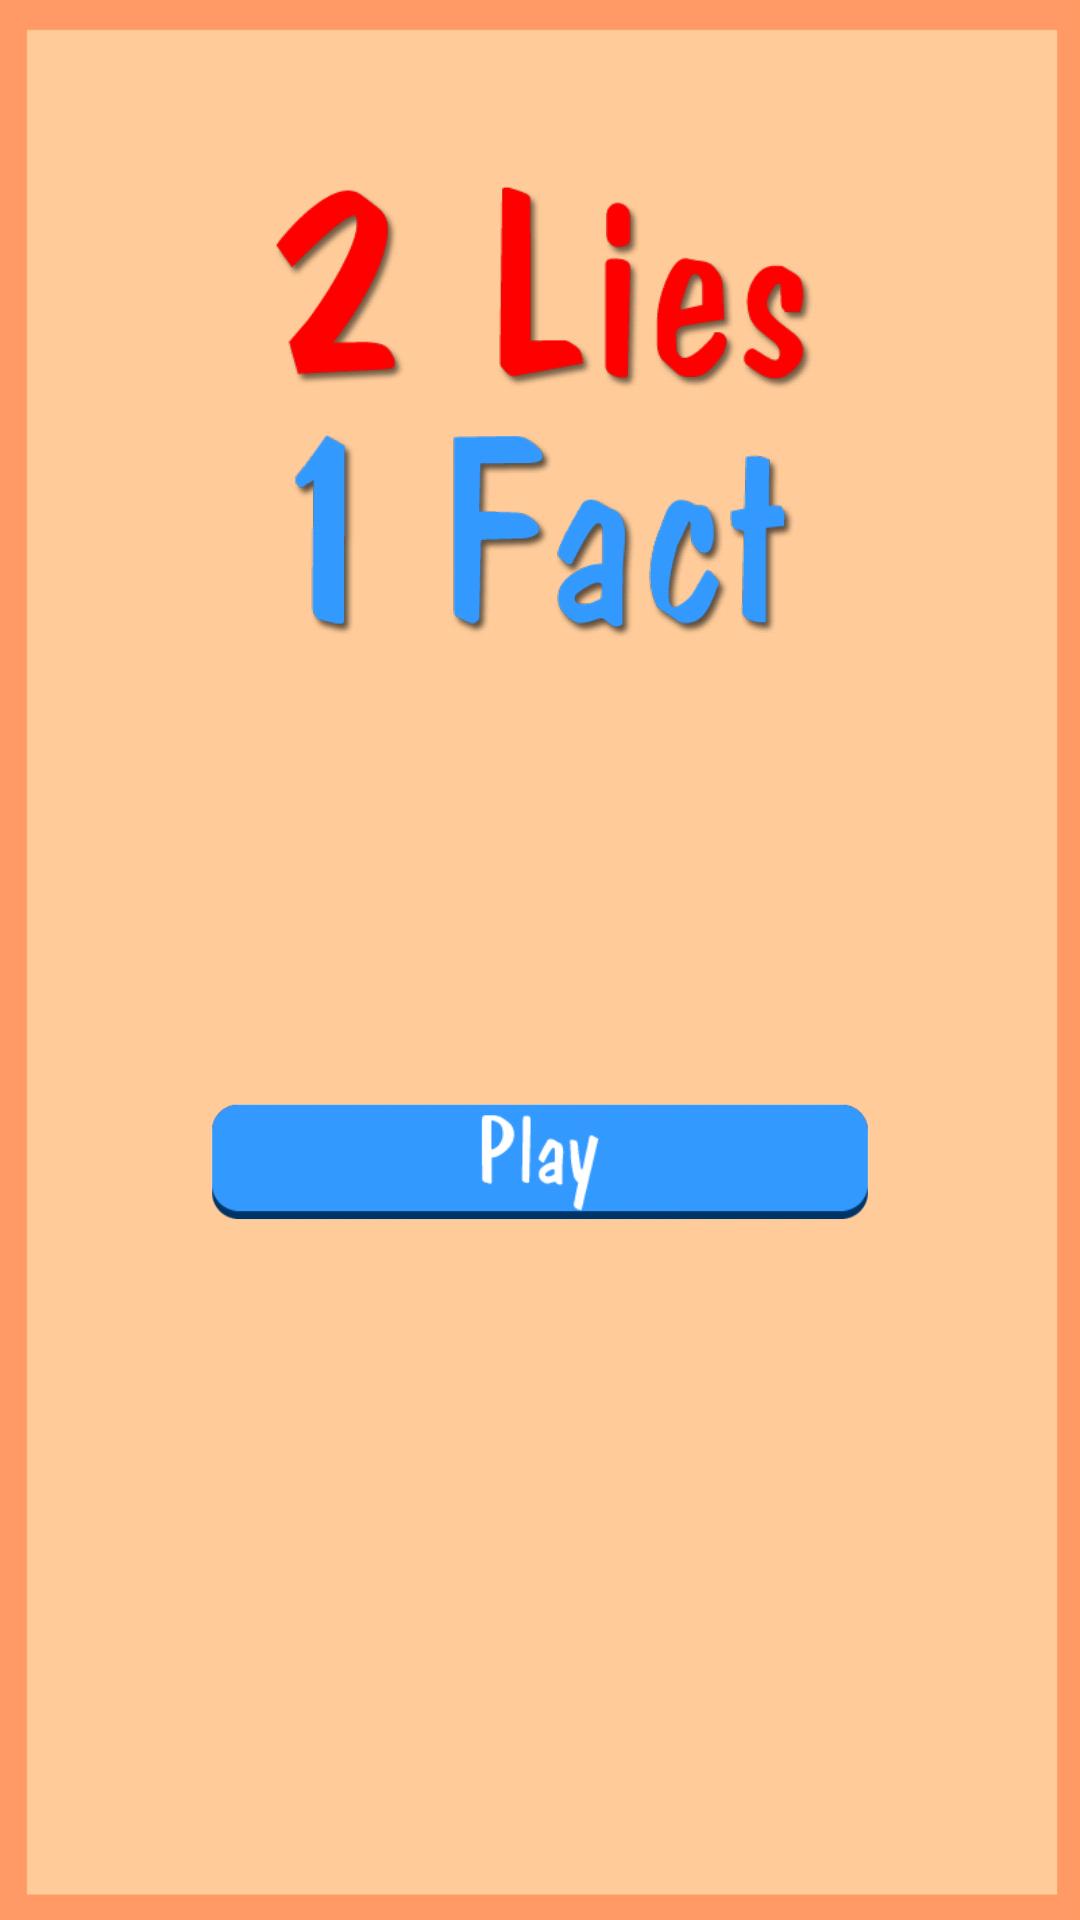 2 Lies 1 Fact